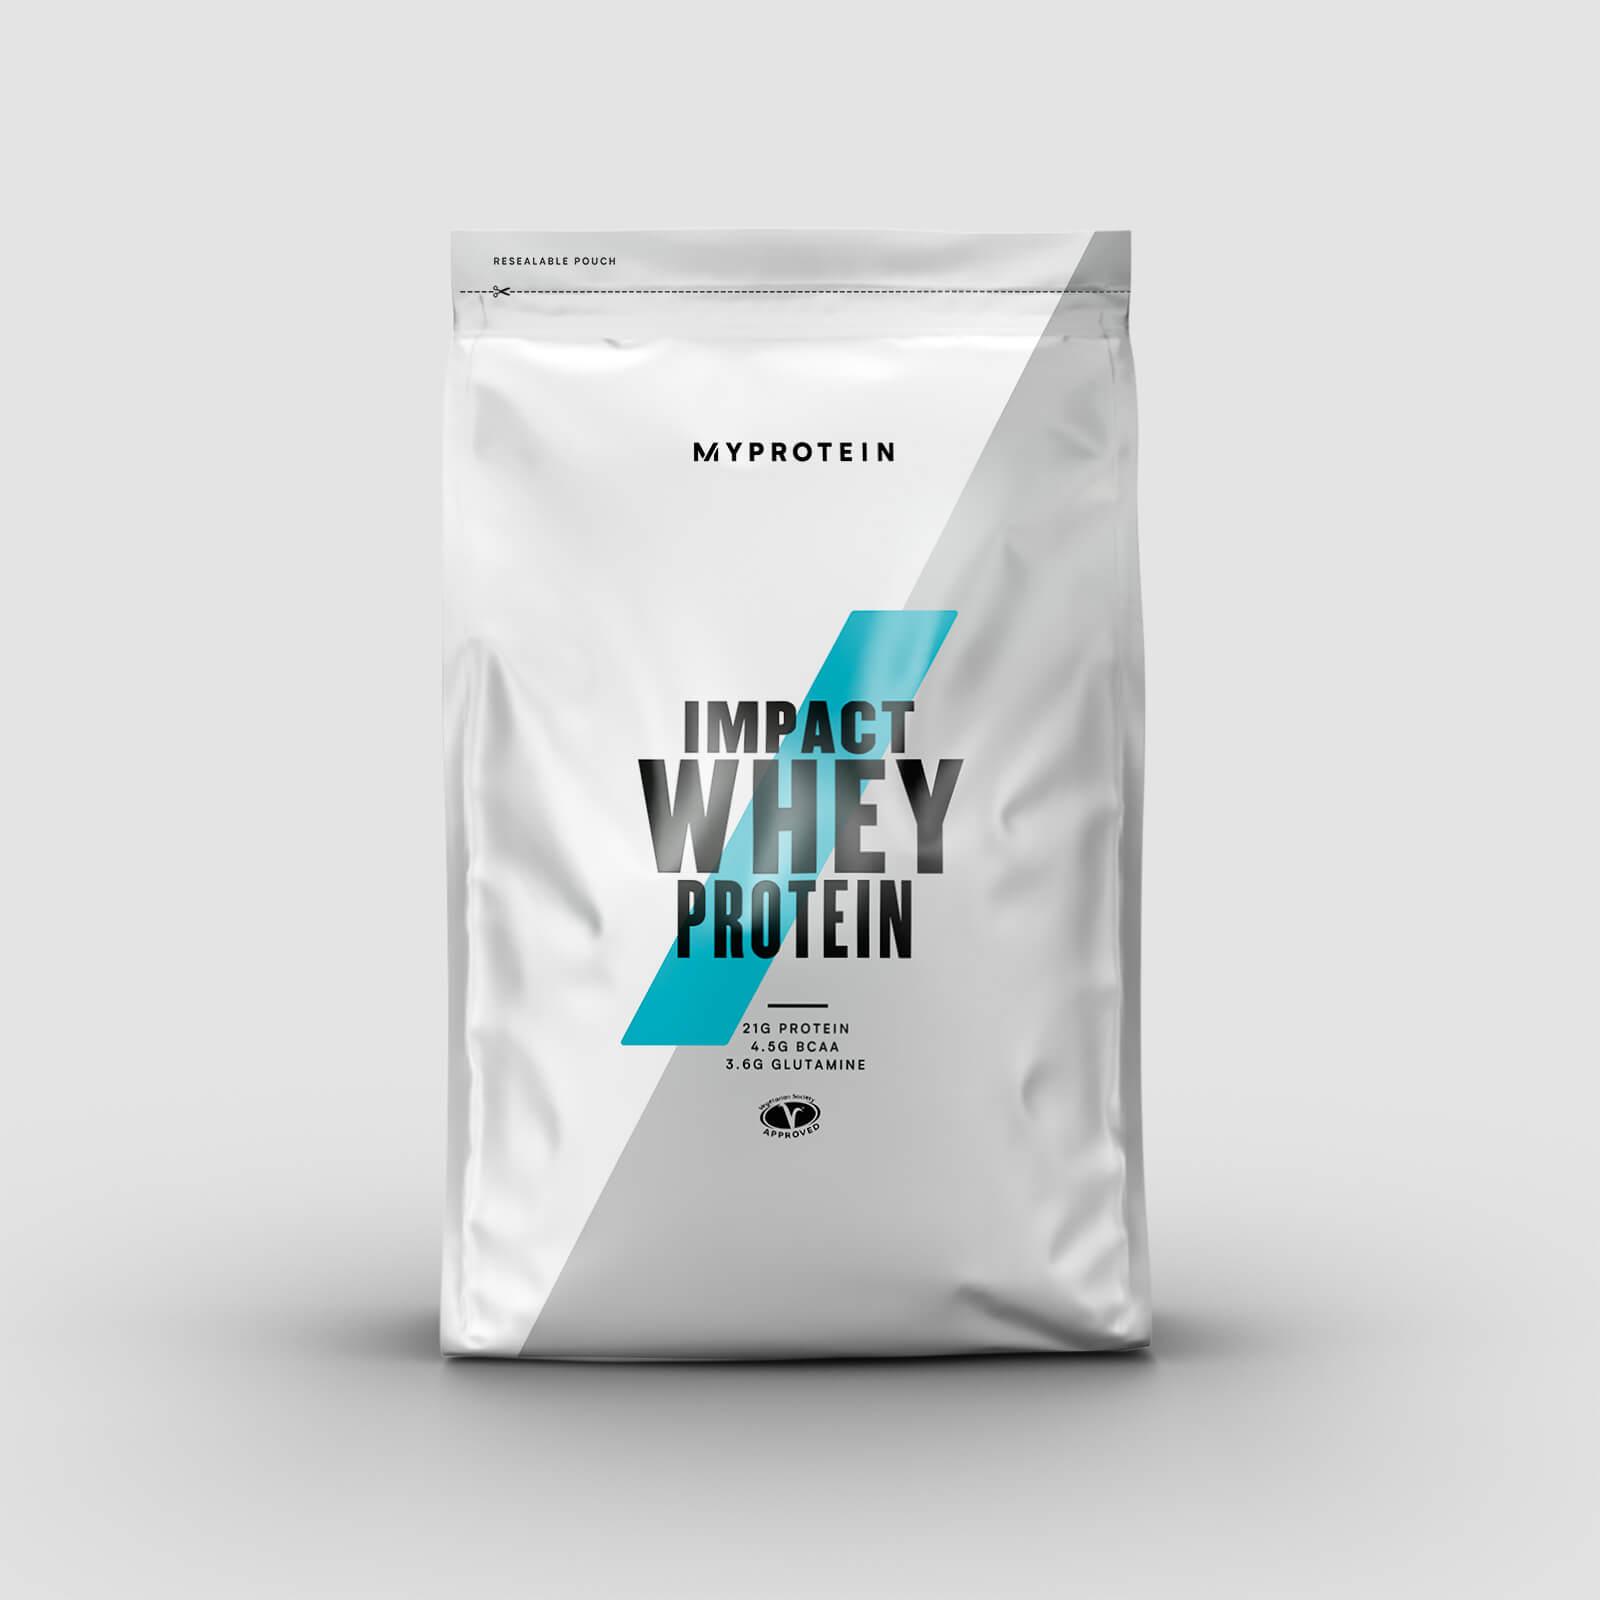 Myprotein Impact Whey Protein - 5kg - Menthe chocolat